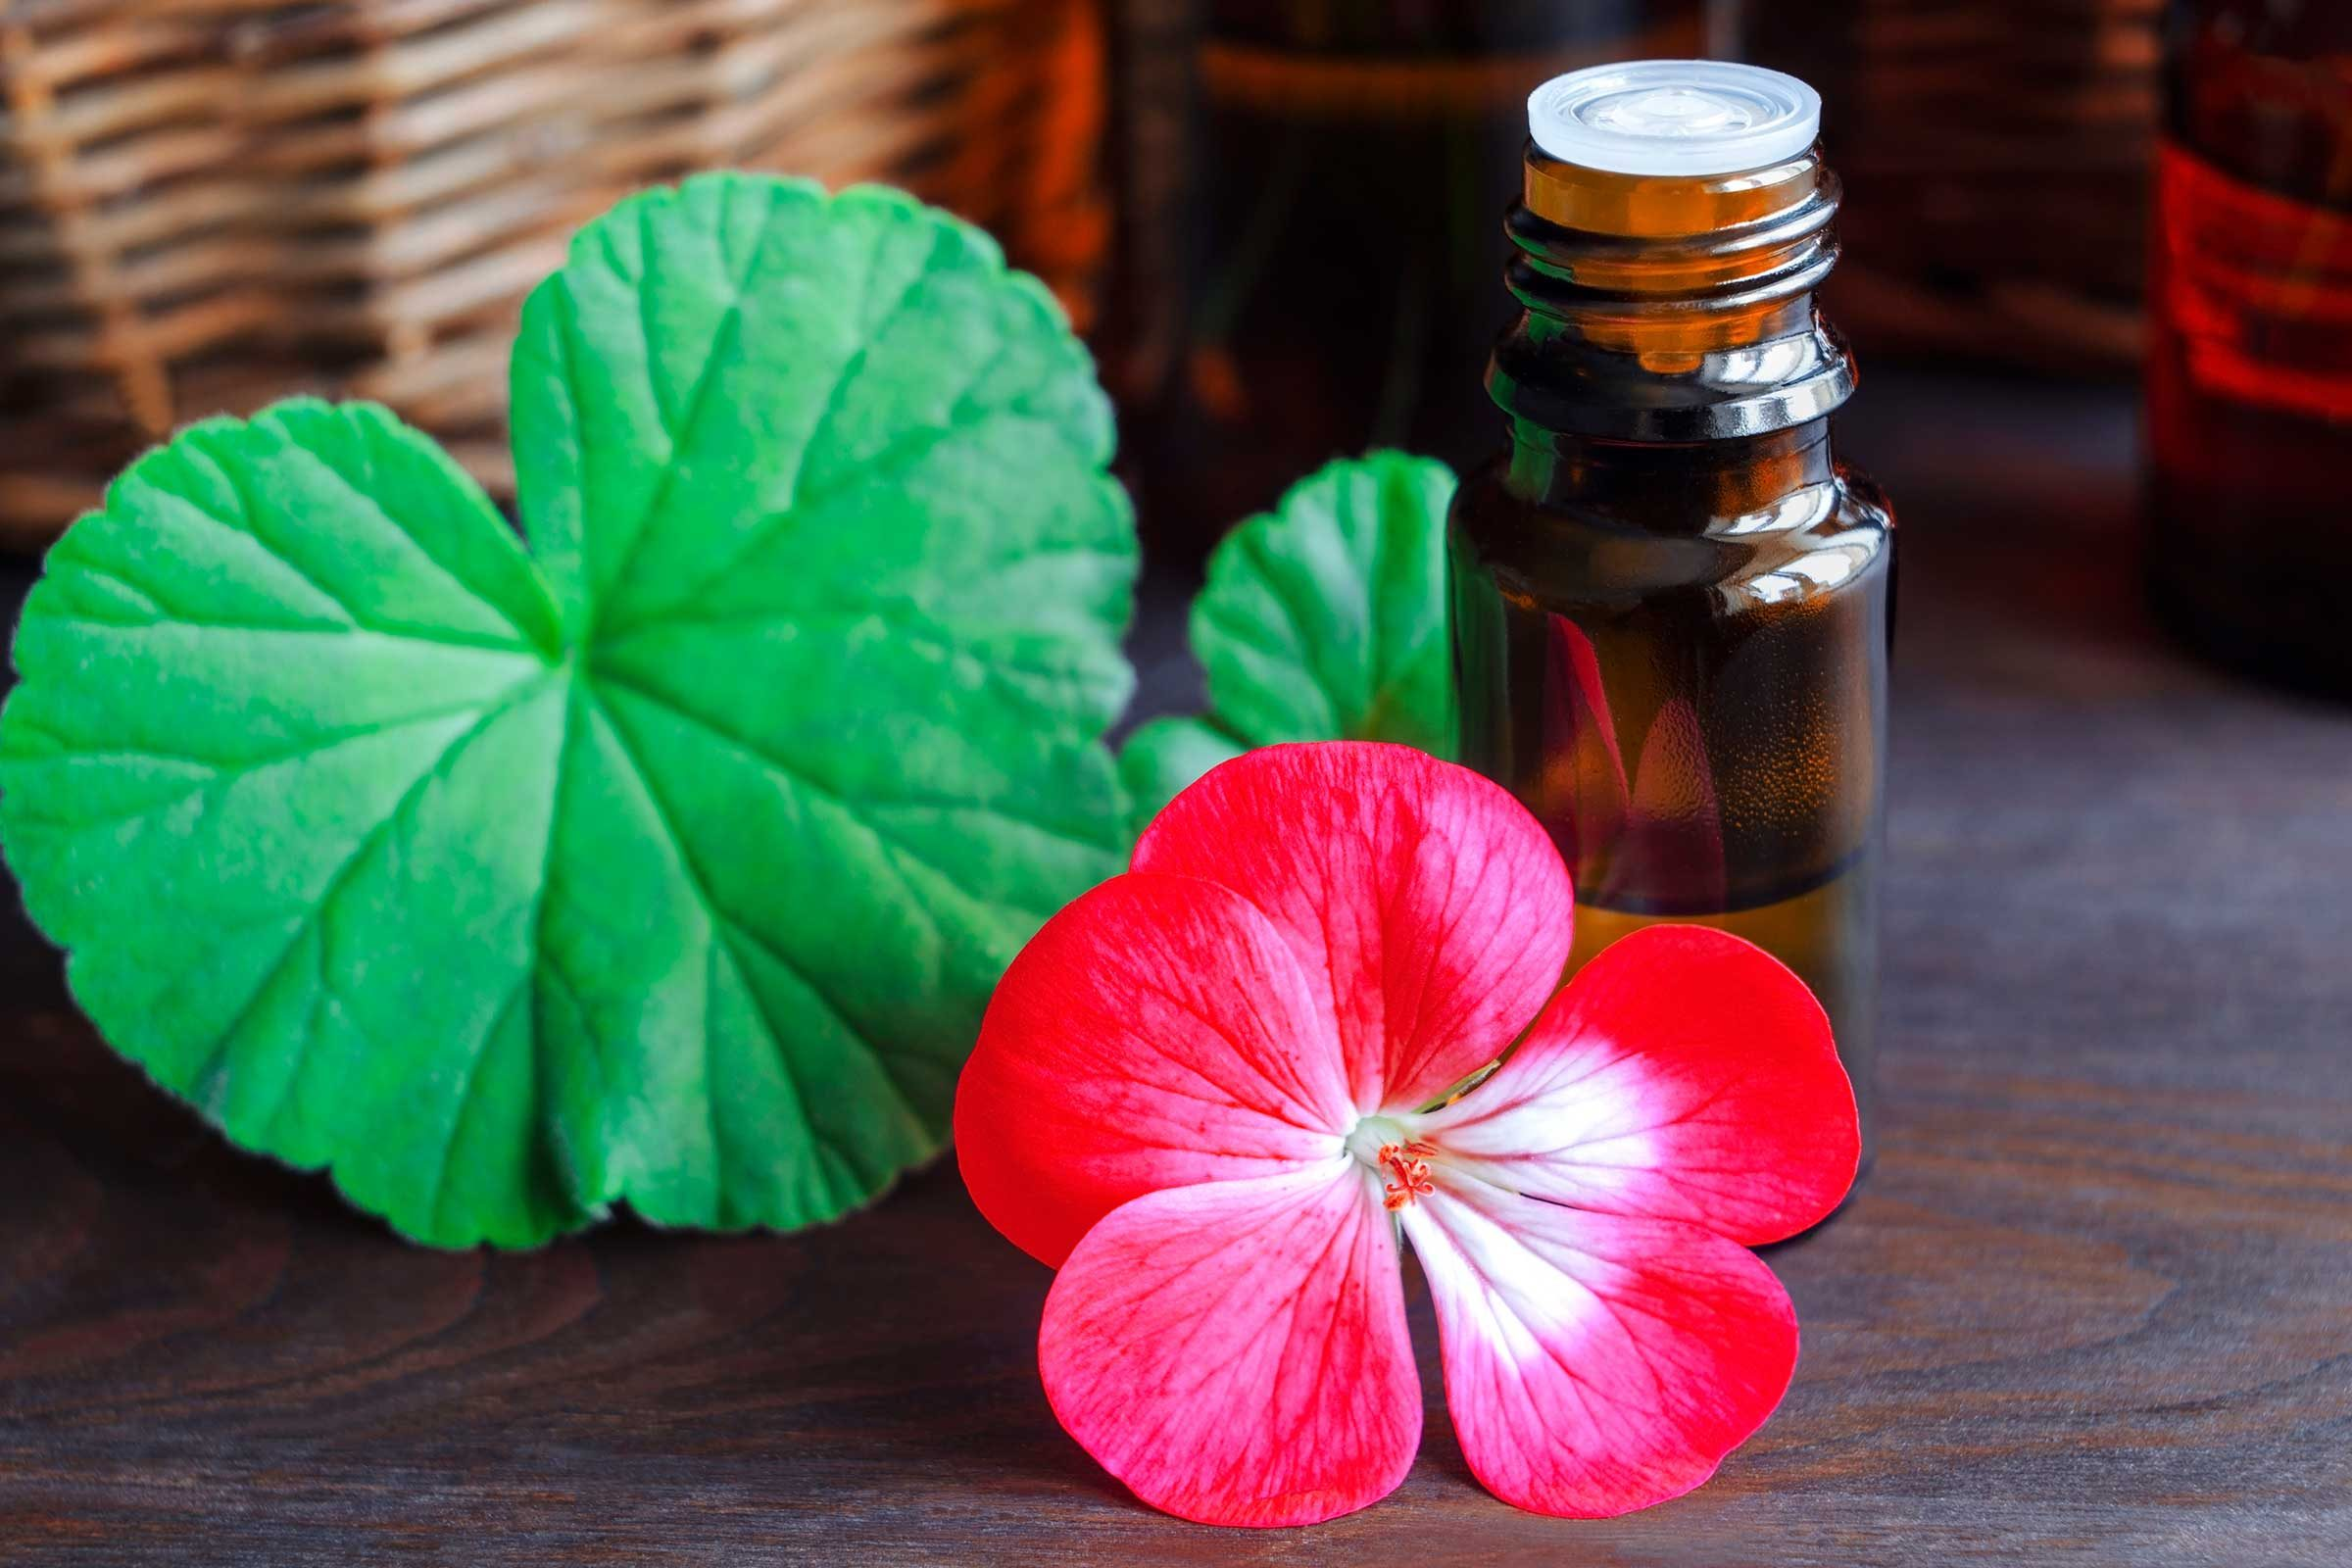 L'huile de géranium pour traiter les imperfections cutanées